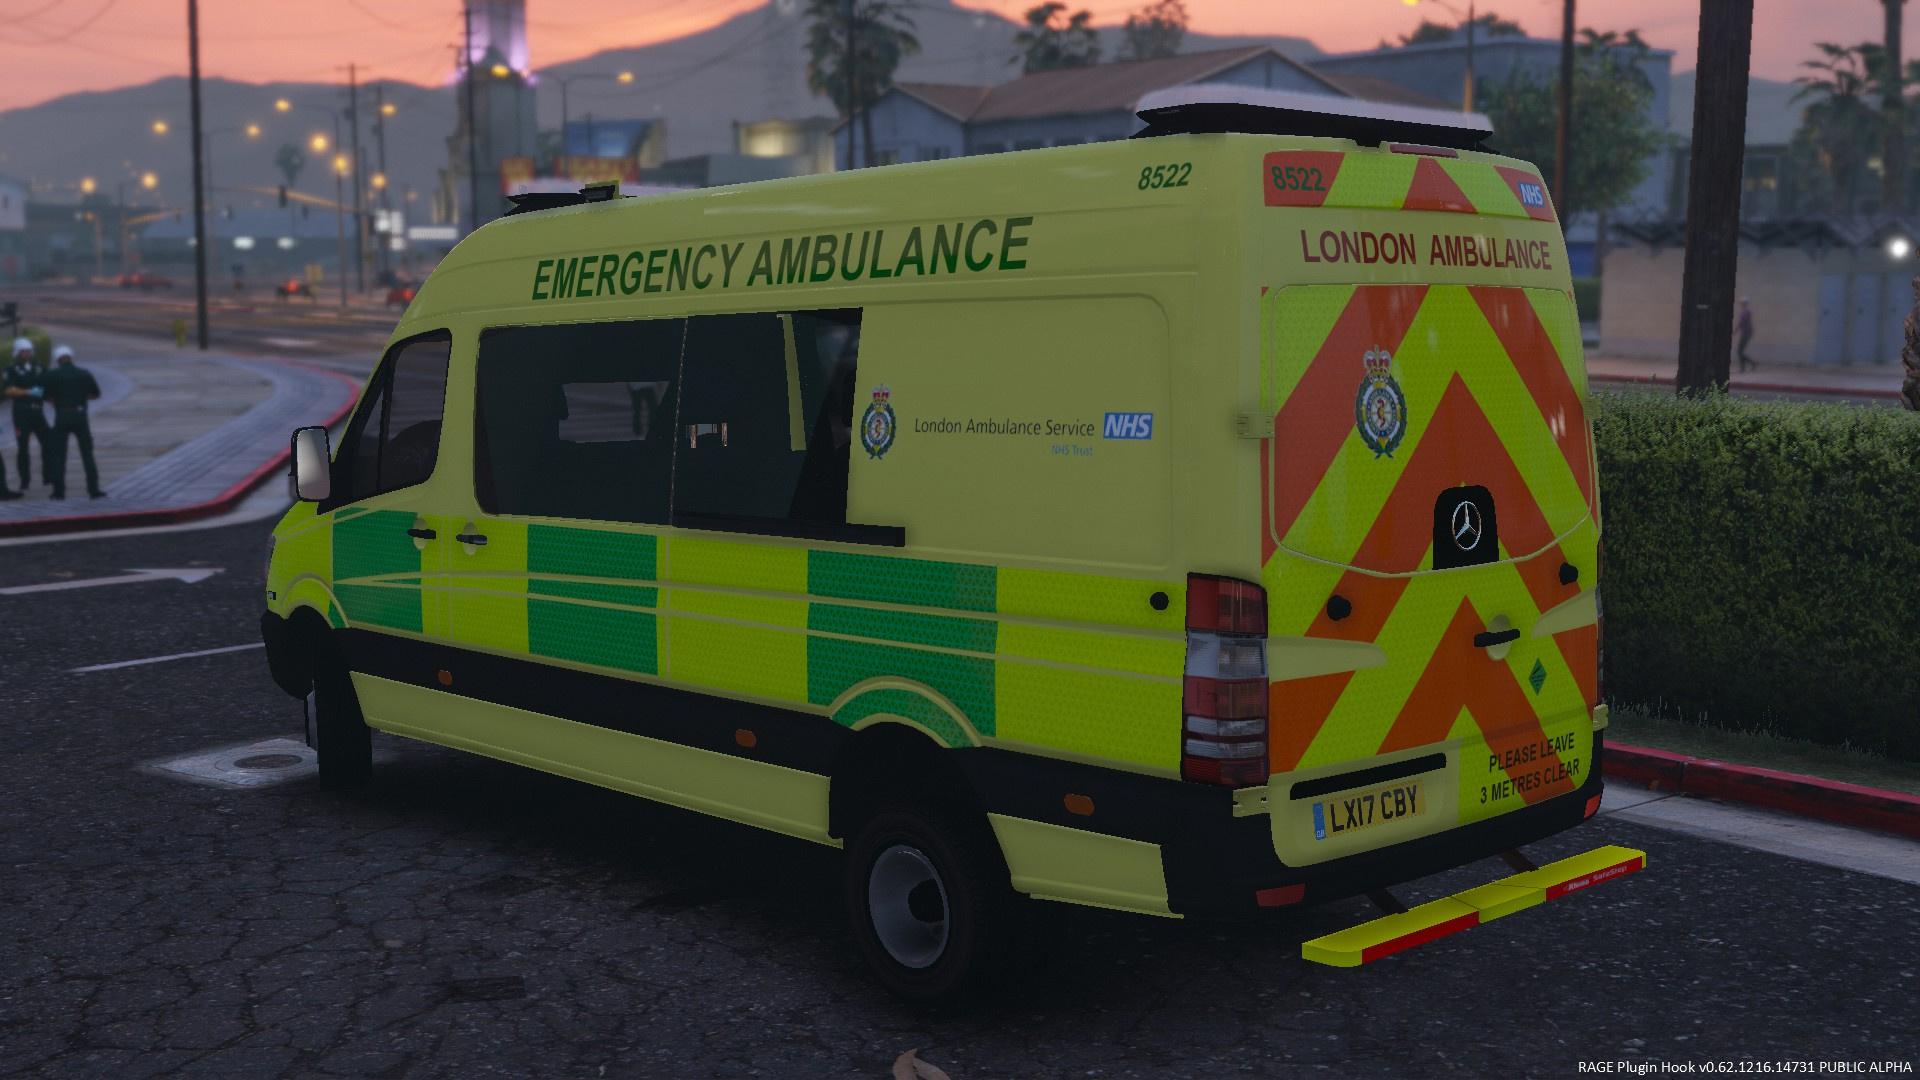 2017 london ambulance service mercedes benz sprinter. Black Bedroom Furniture Sets. Home Design Ideas